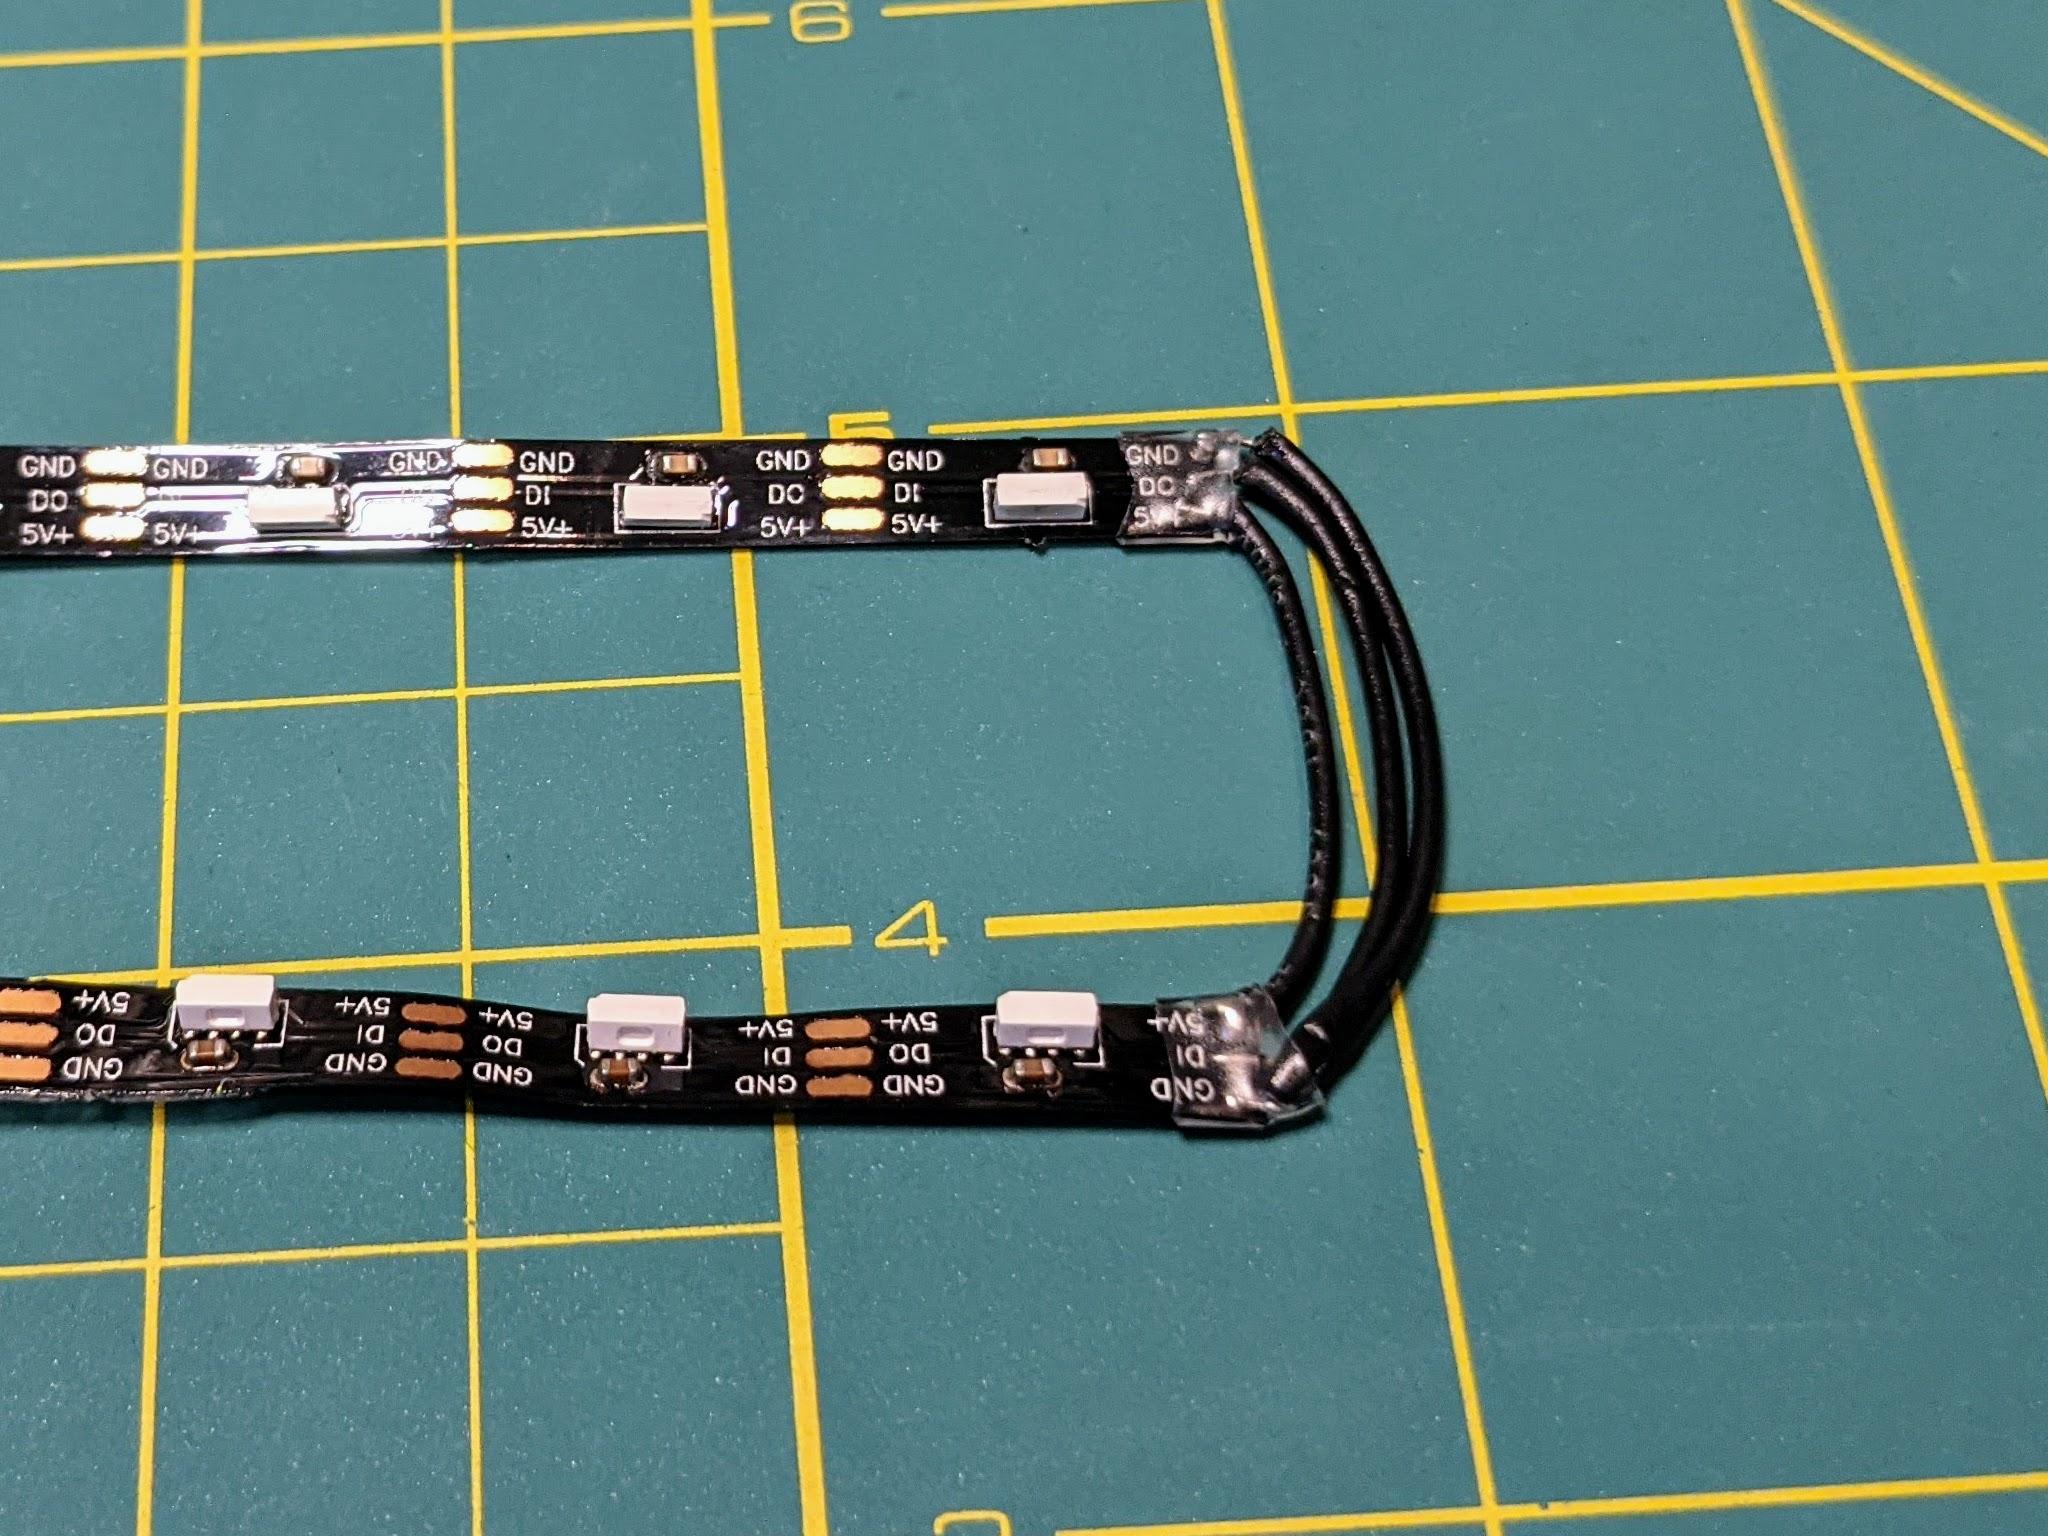 led_strips_PXL_20210110_011424492.jpg